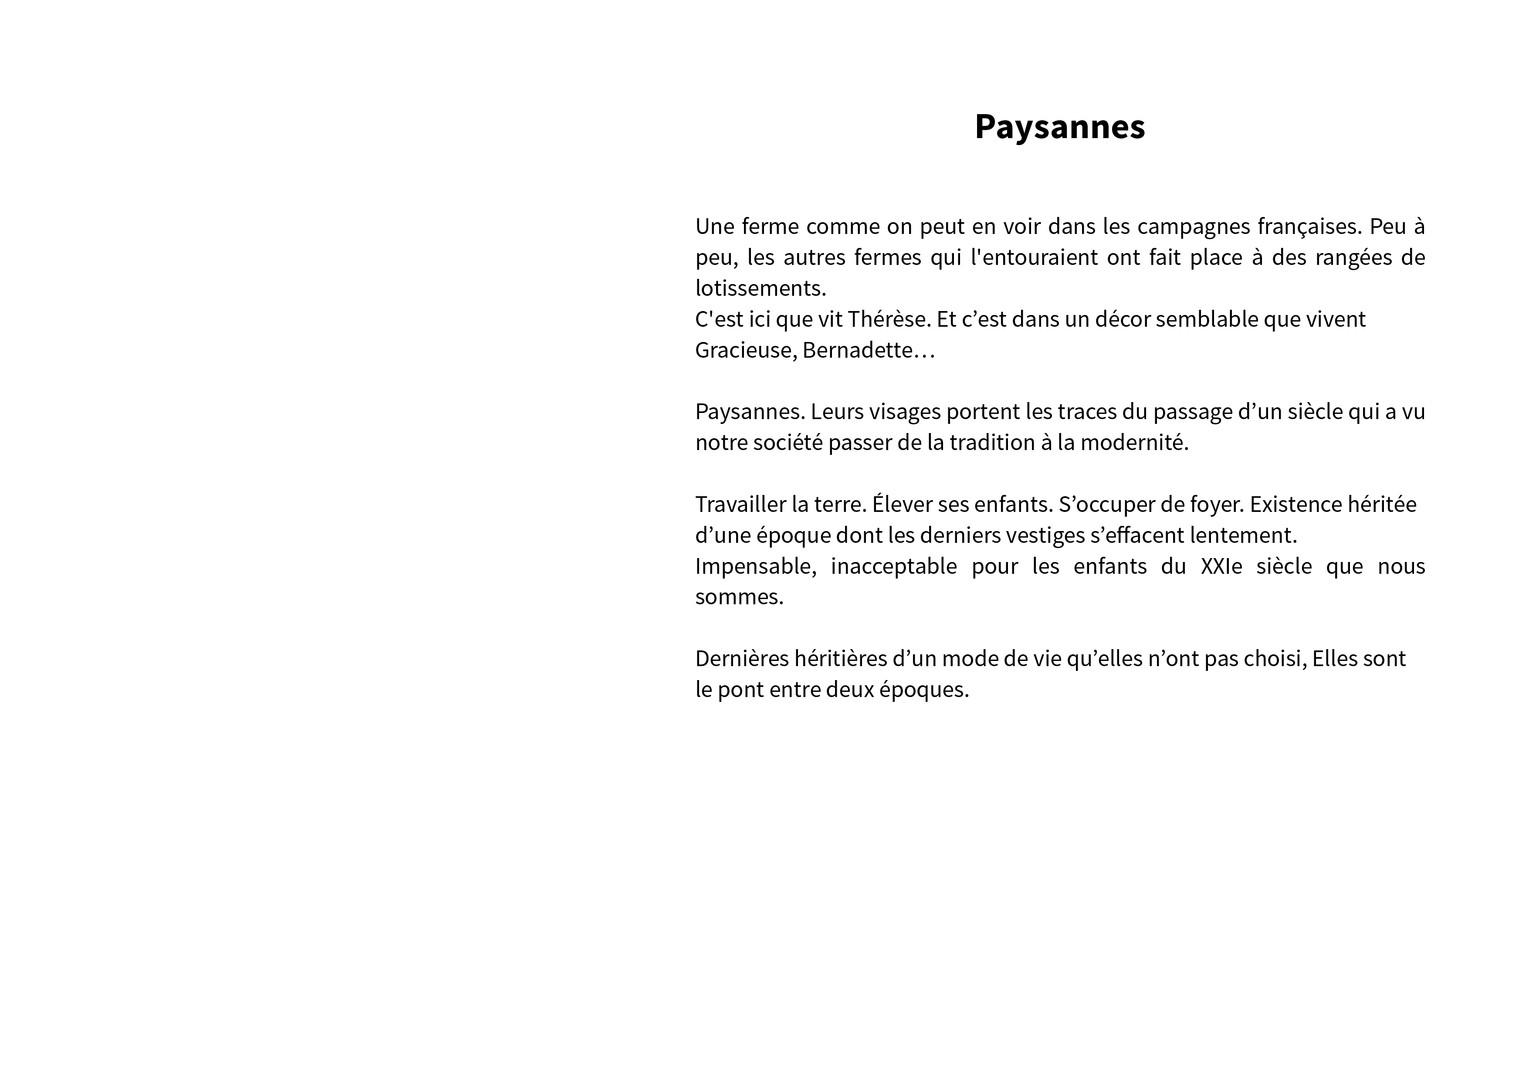 Texte Paysannes.jpg